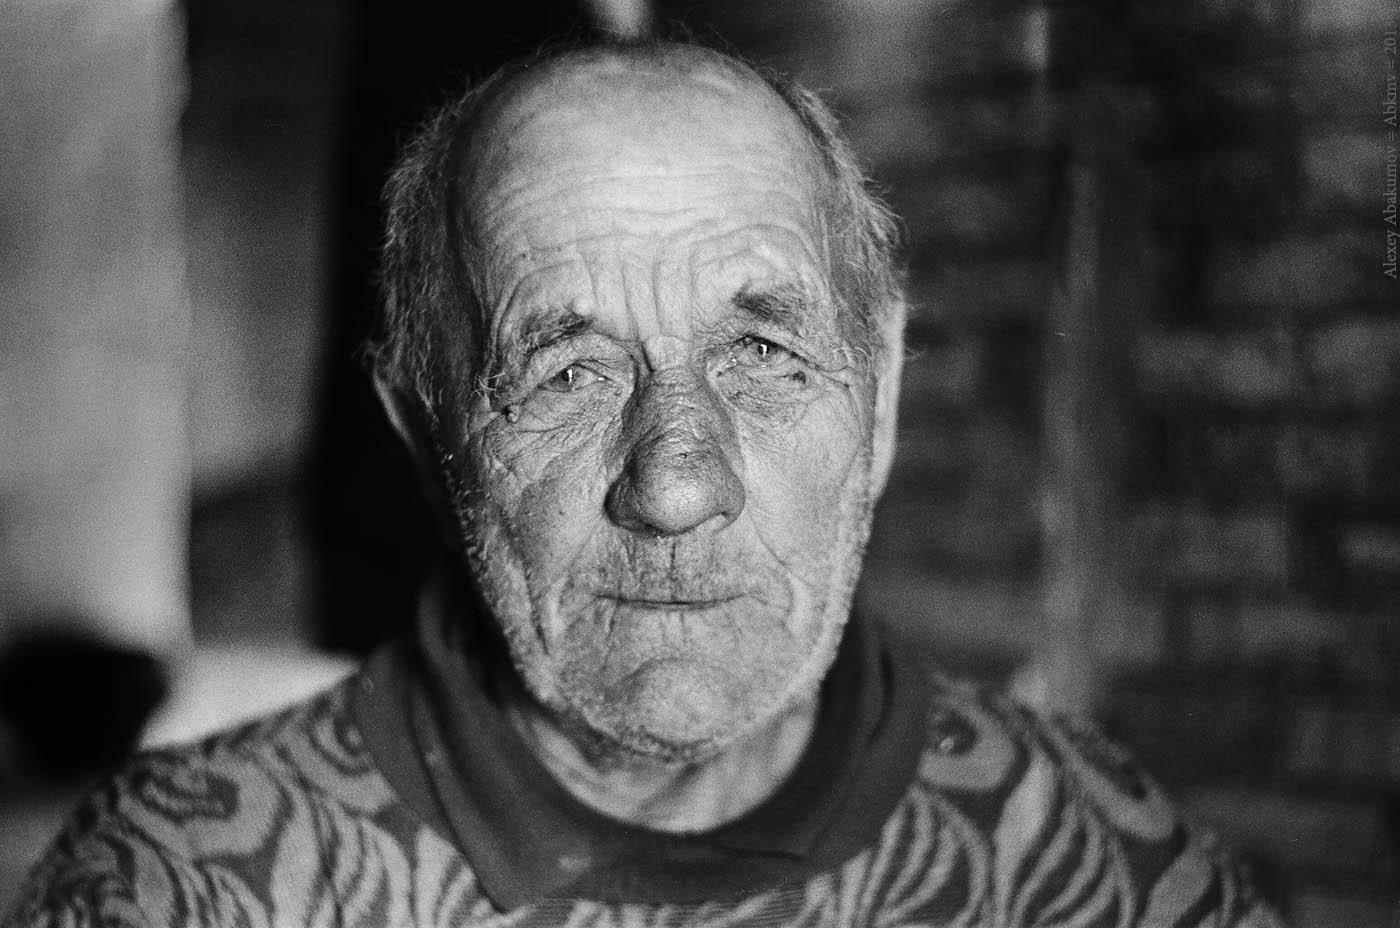 Алексей Ильин - один из немногих постоянных жителей вымирающей деревни. Новгородская обл., 2013 год